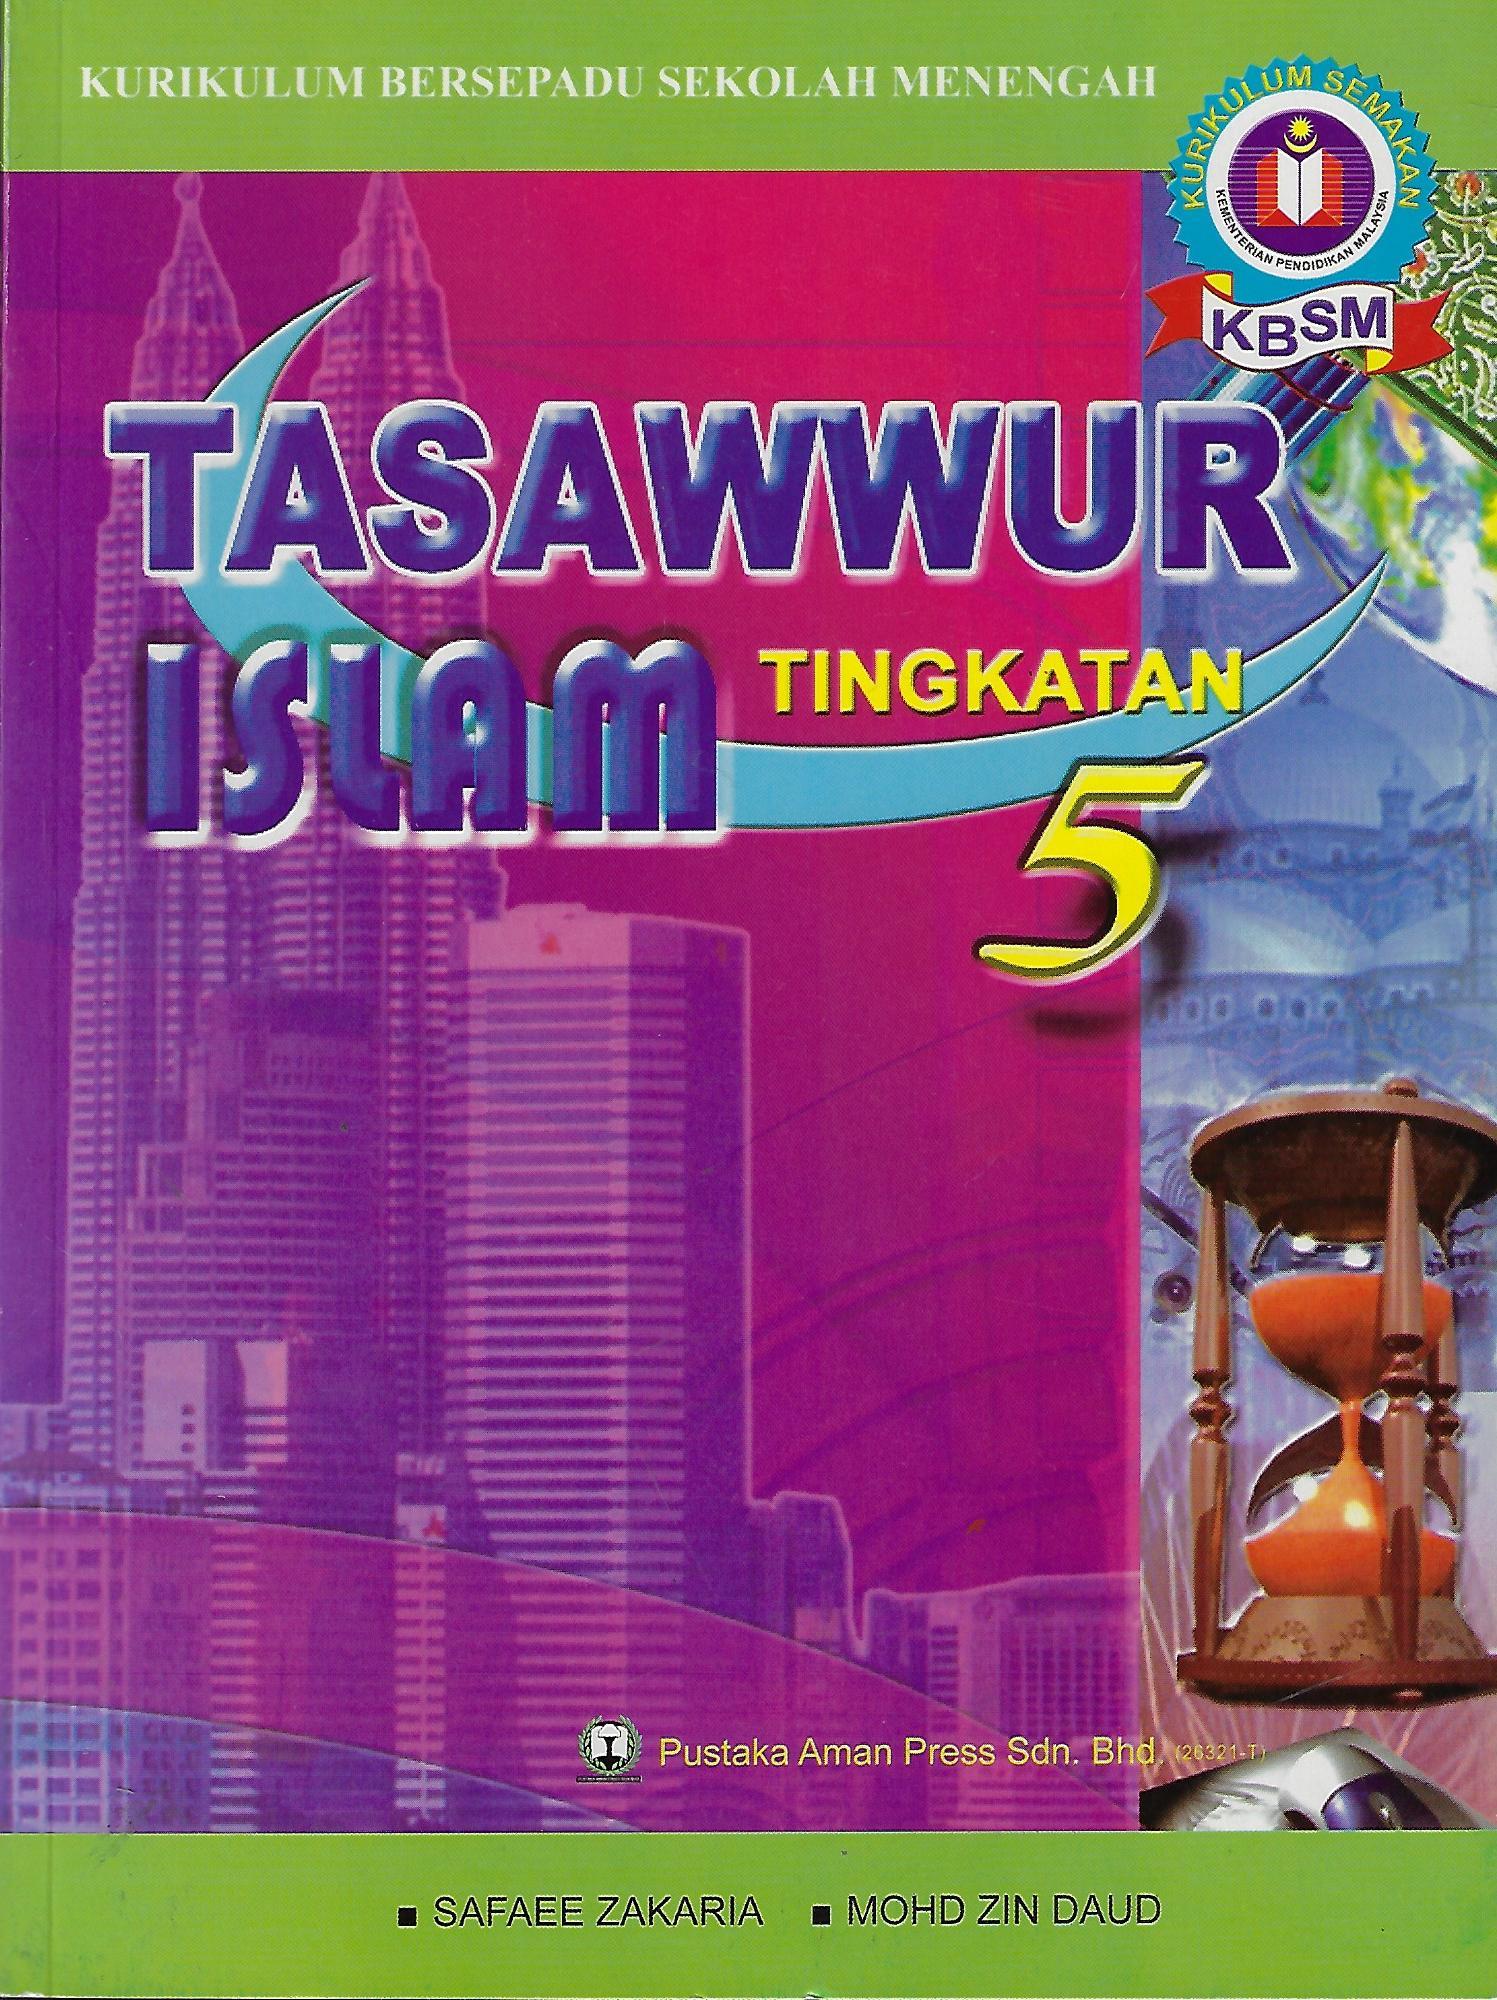 Ting 5 Buku Teks Tasawwur Islam Tingkatan 5